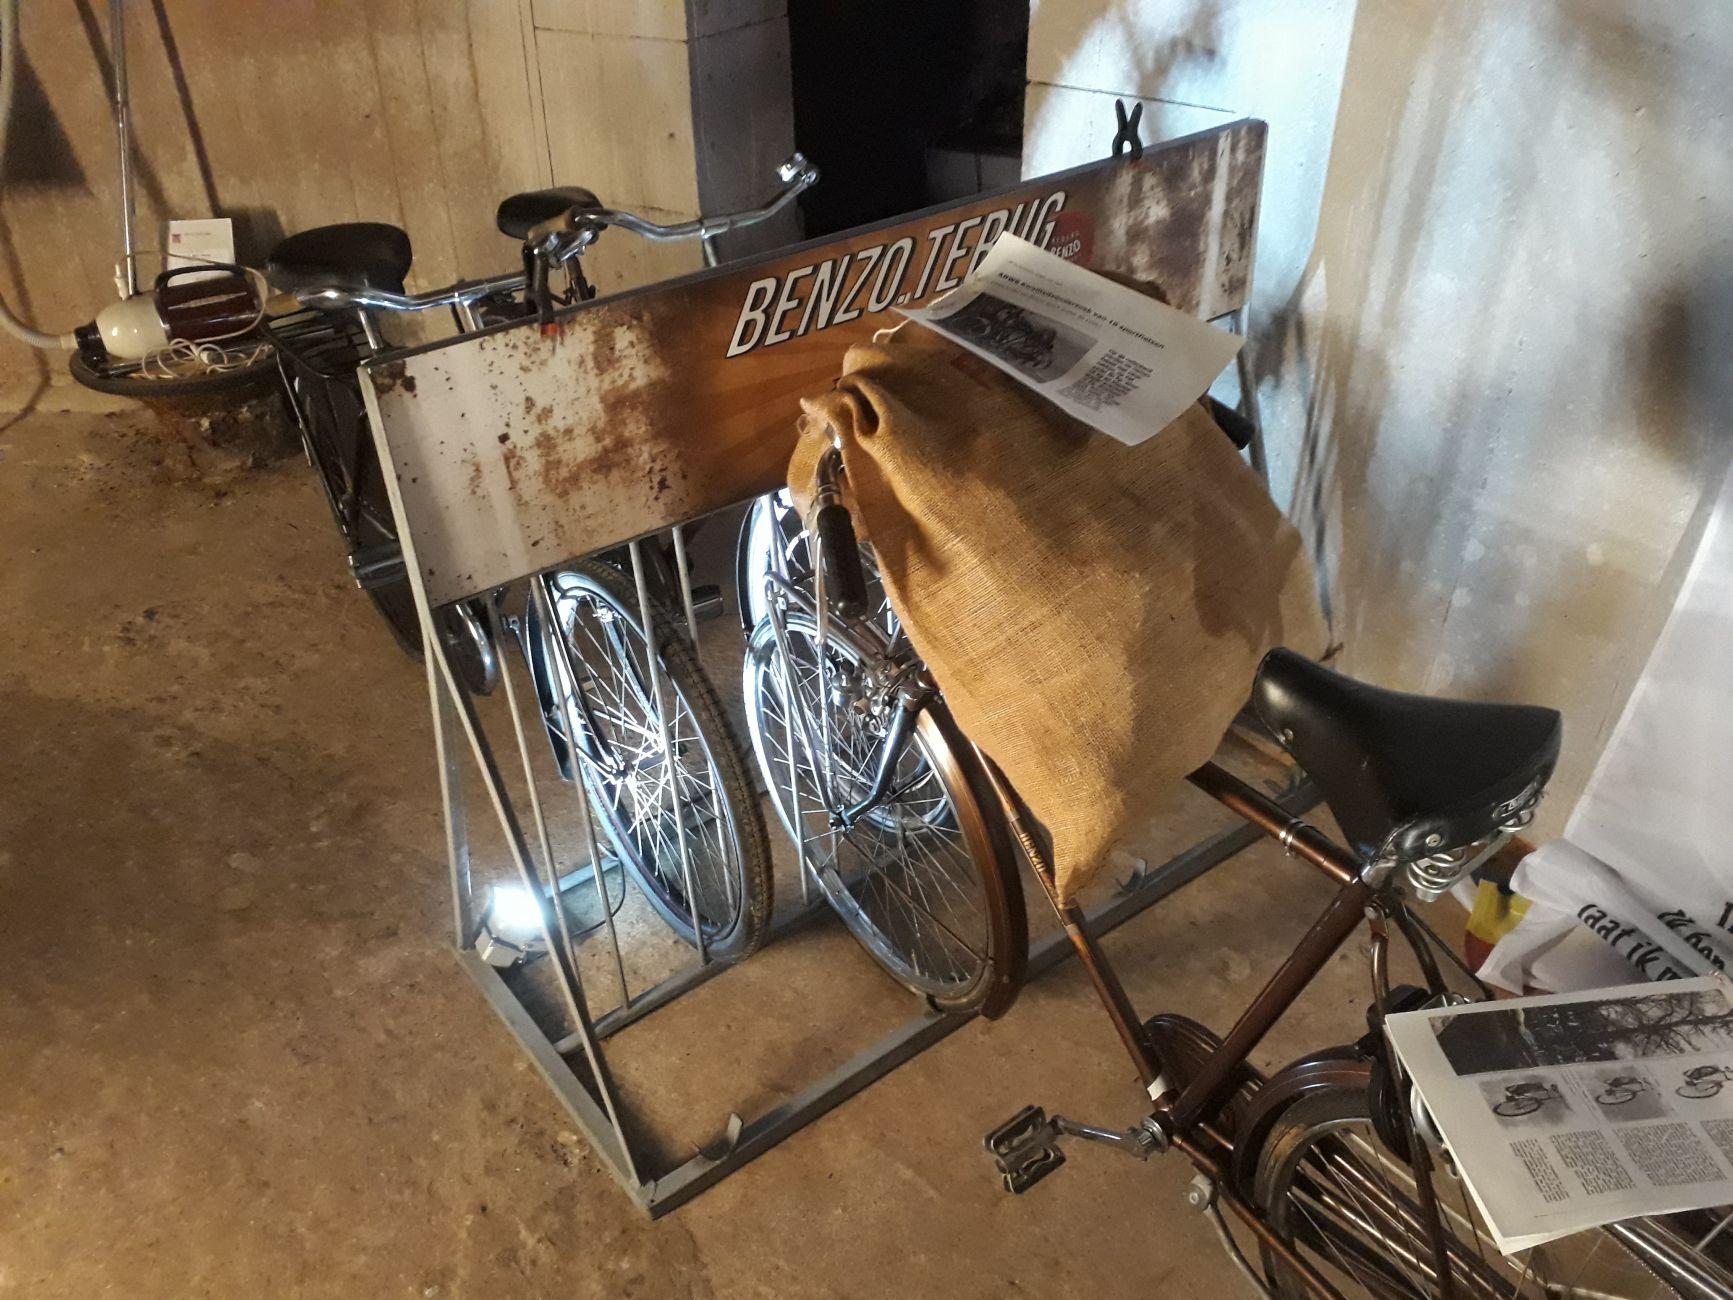 Benzo-fietsen in Vlaardingse Watertoren